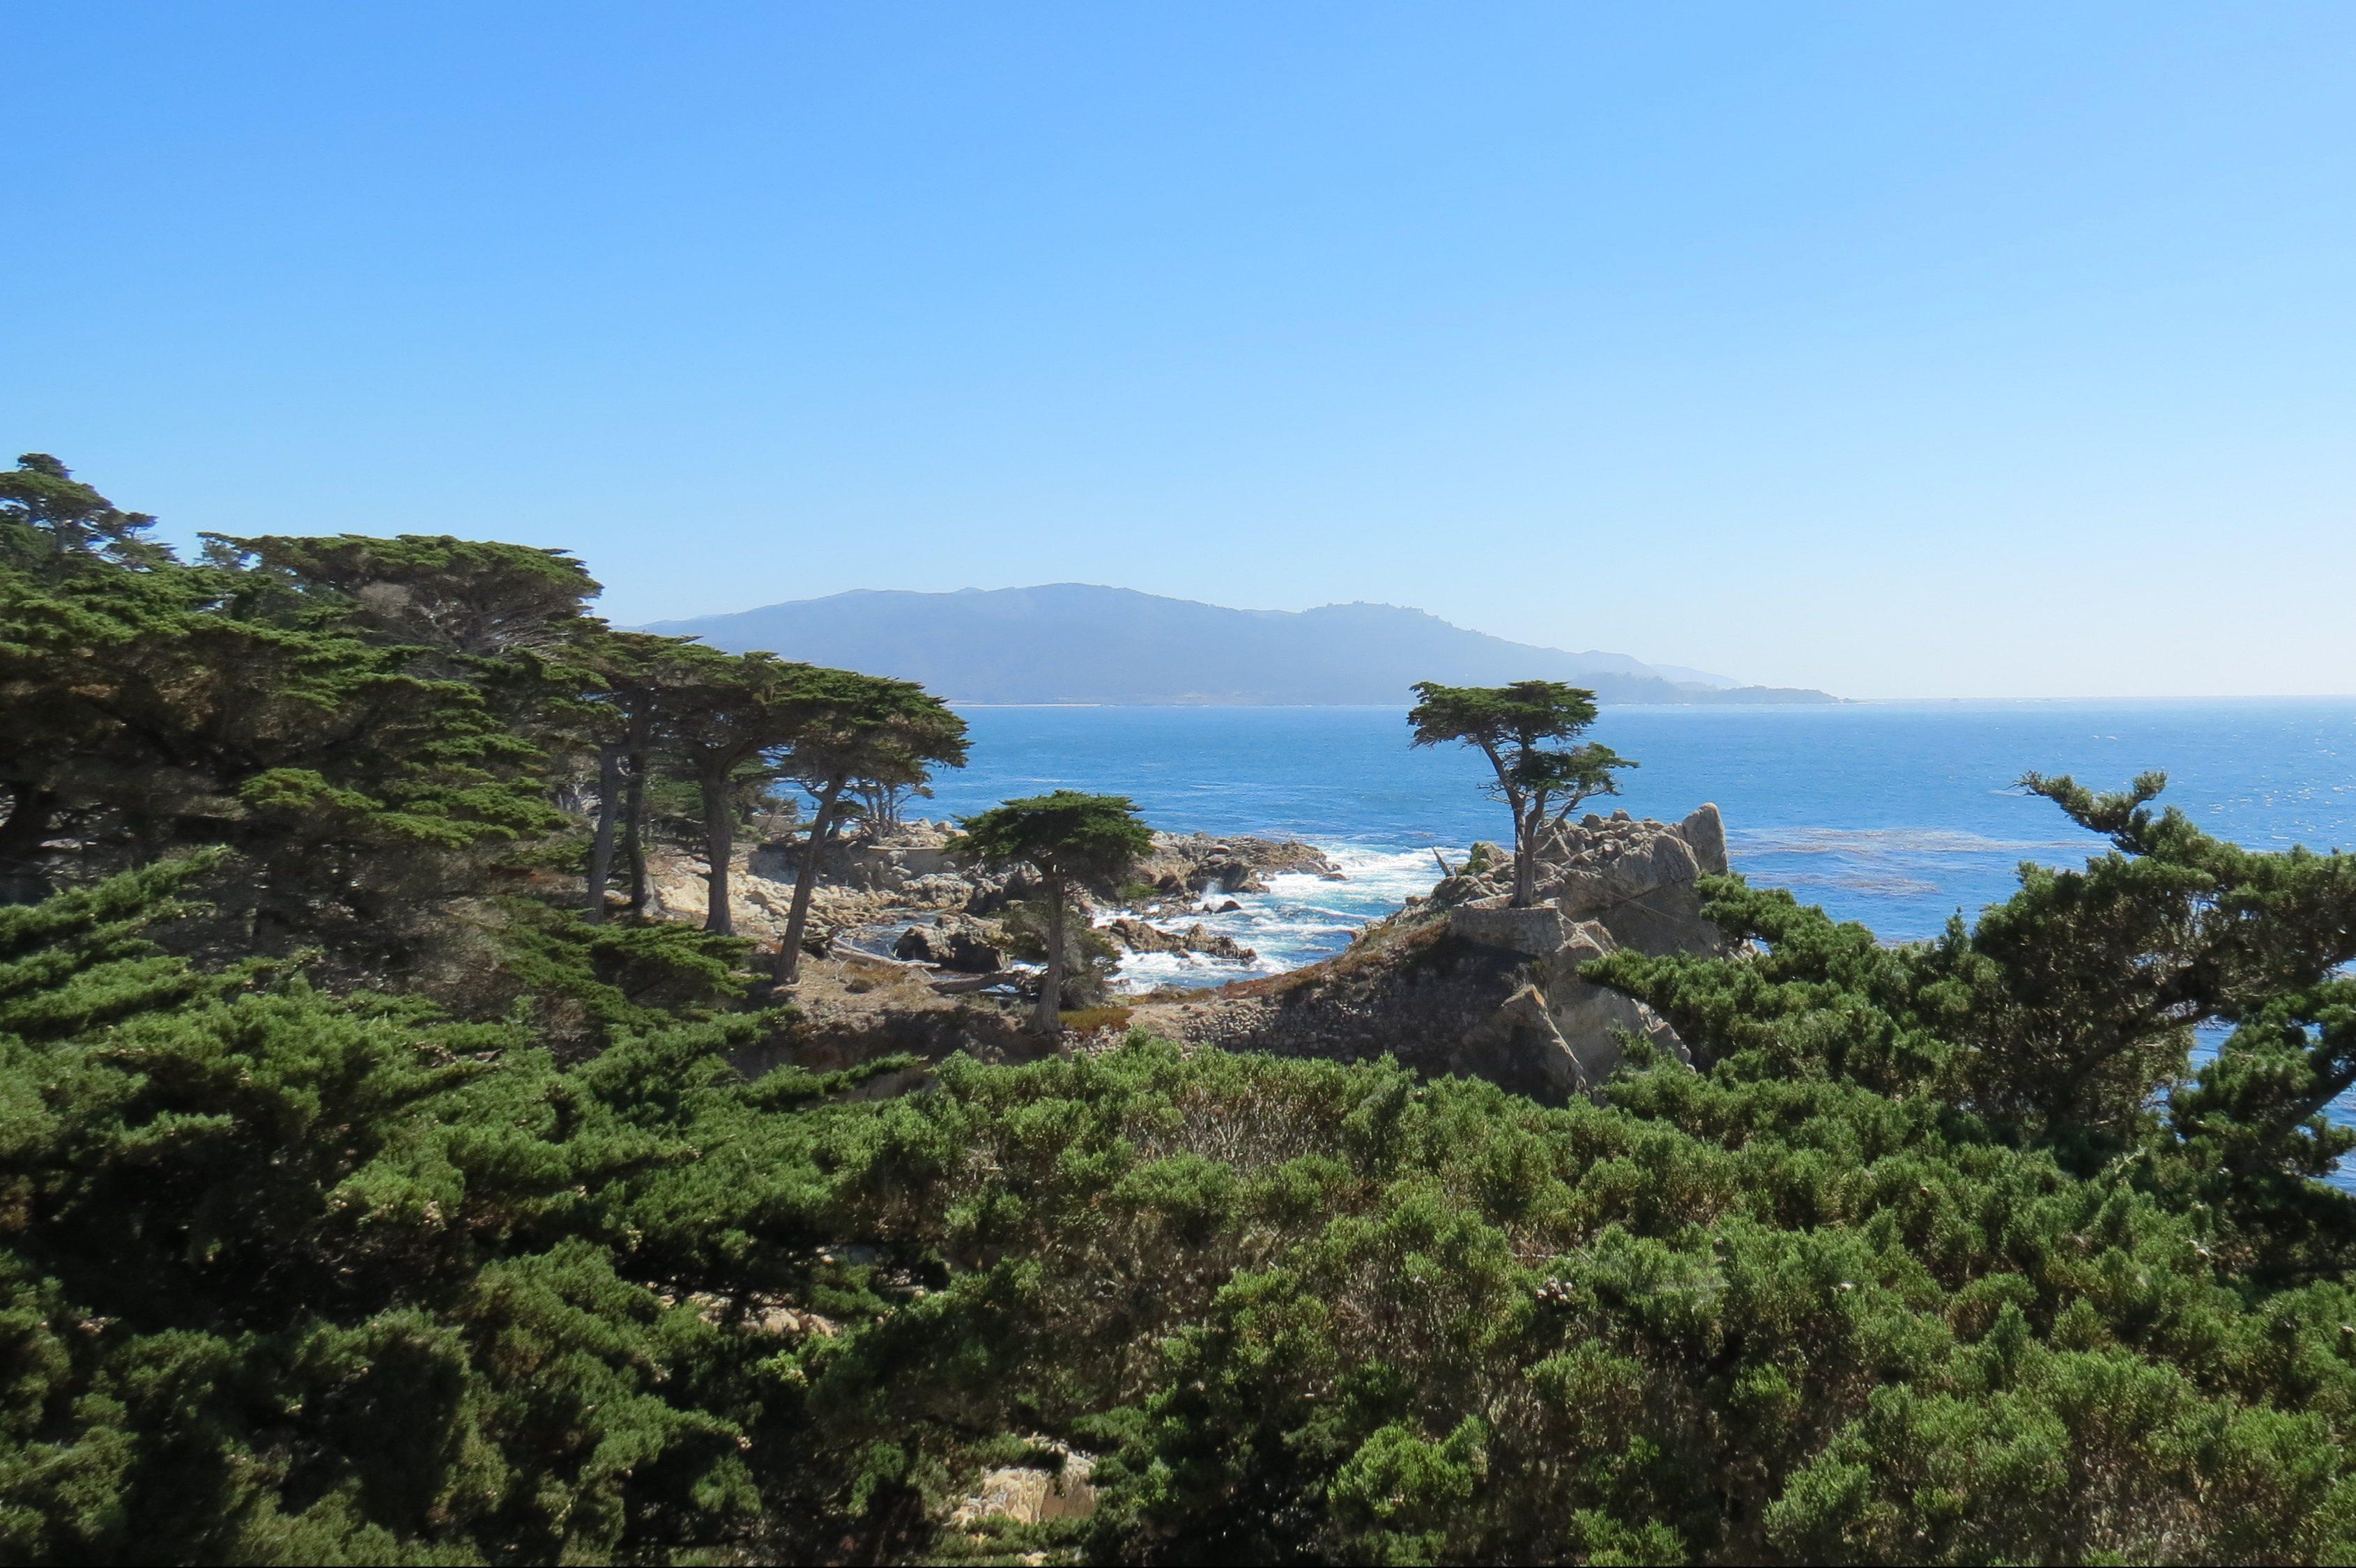 Está aberta! Essa estradinha panorâmica liga Monterey a Carmel, passando por praias desertas, uma colônia de leões-marinhos e paisagens como a do Cipreste Solitário (foto)